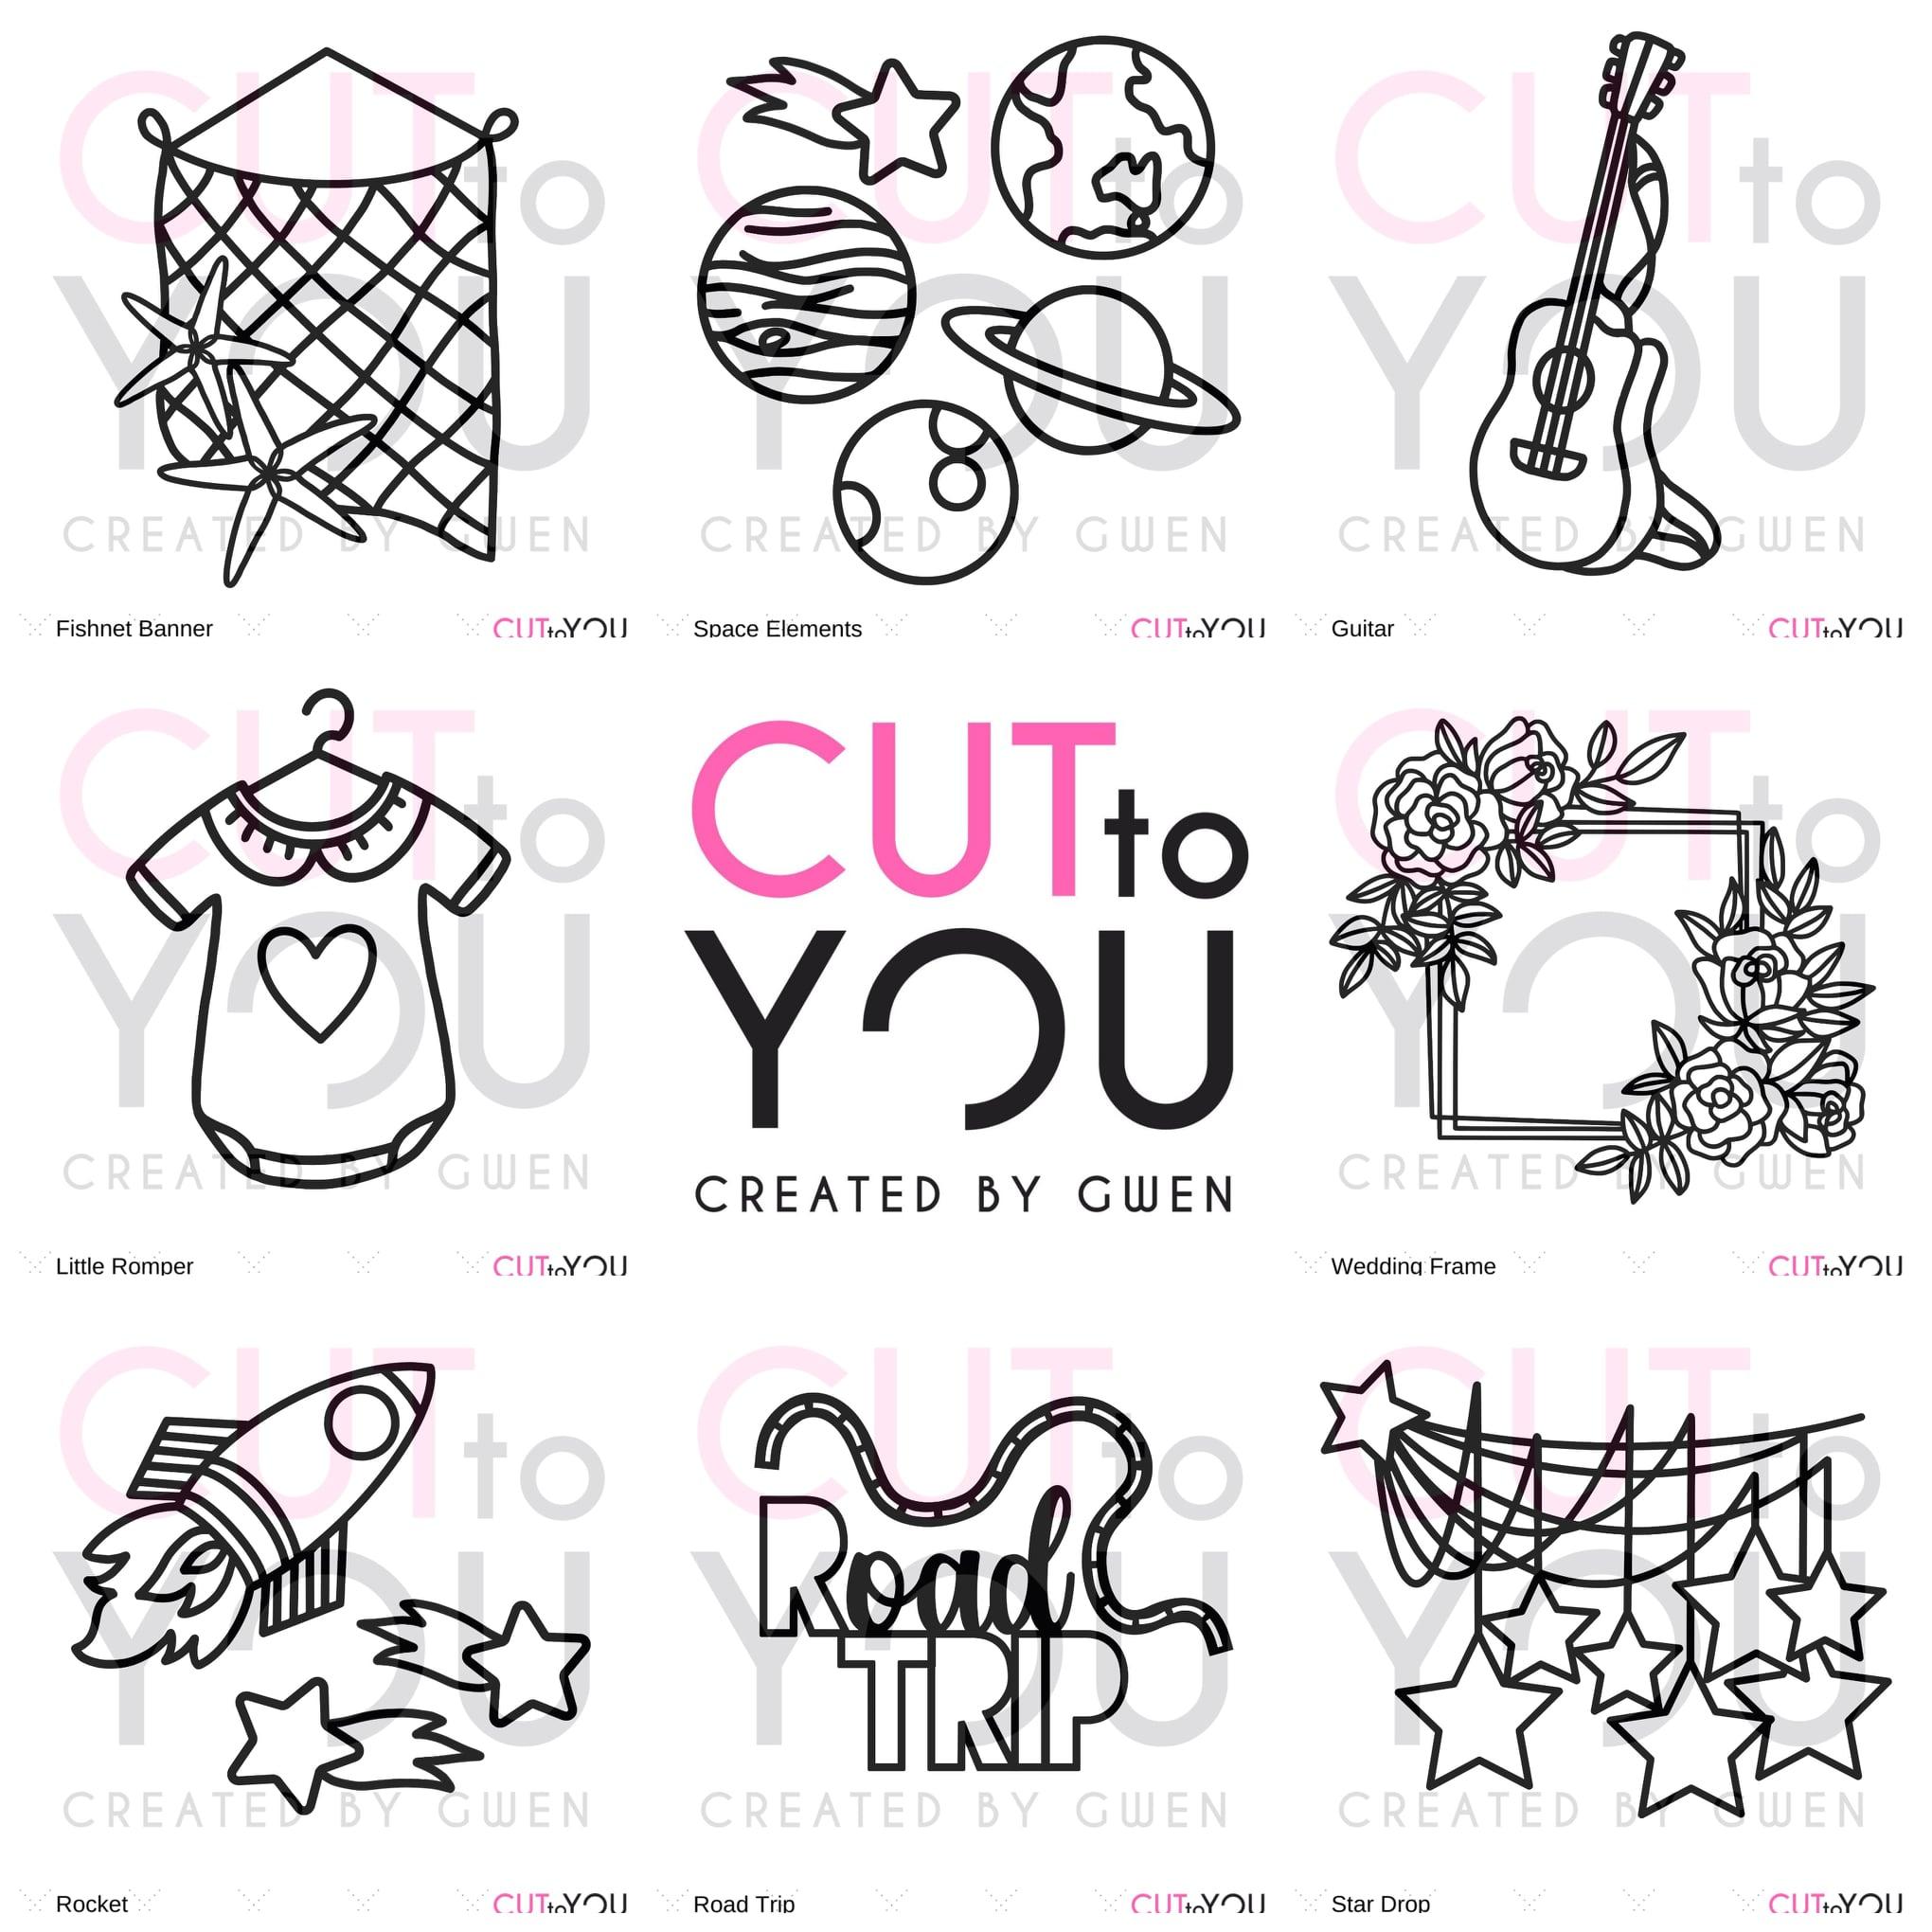 CutToYou_CutFilesRelease_Sept